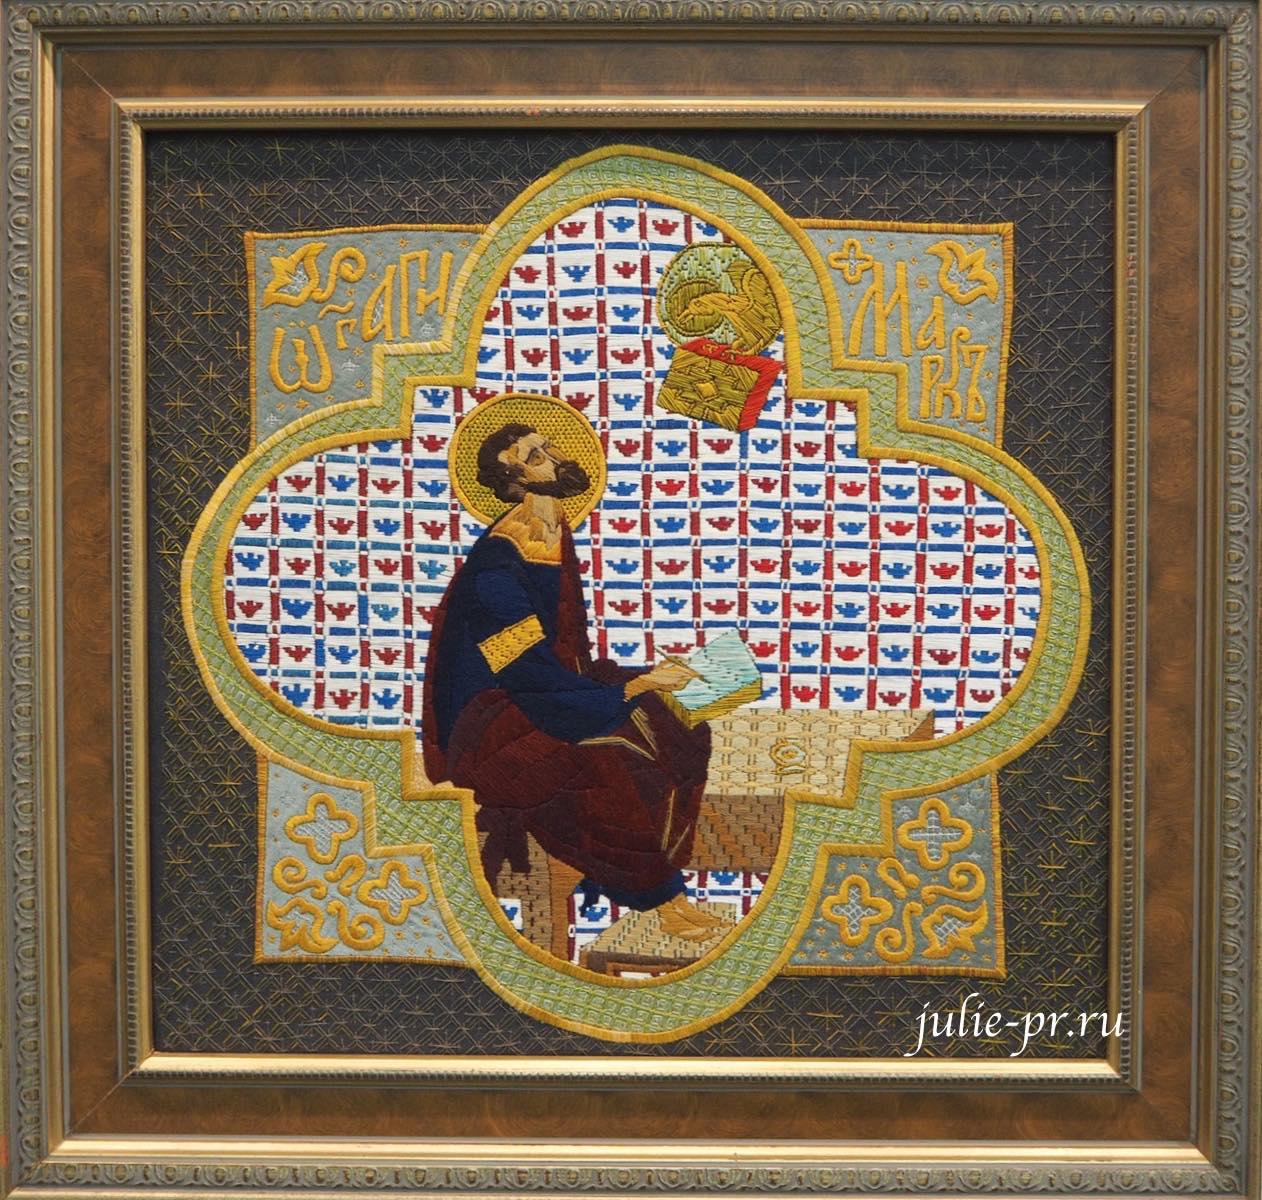 Всероссийская выставка вышивки, вышивка, Евангелист Марк, лицевое шитье